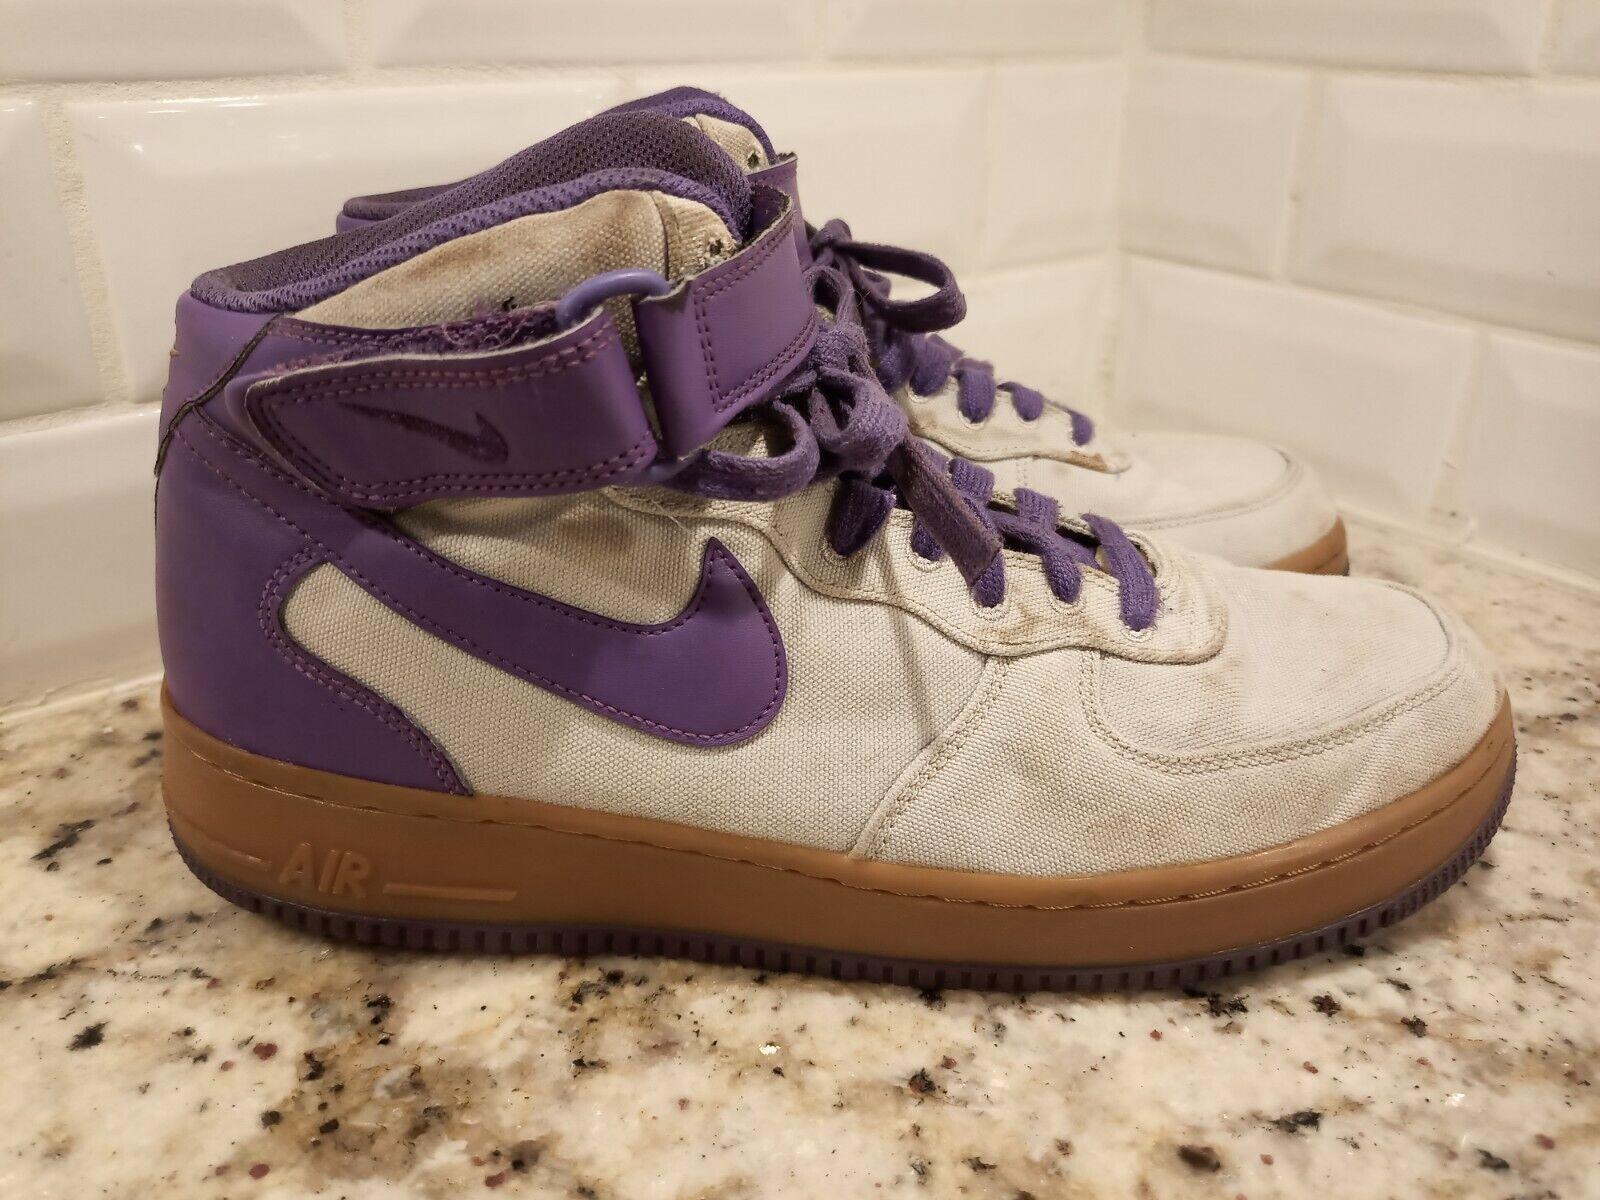 Nike Air Force 1 Mid Light Bone Purple